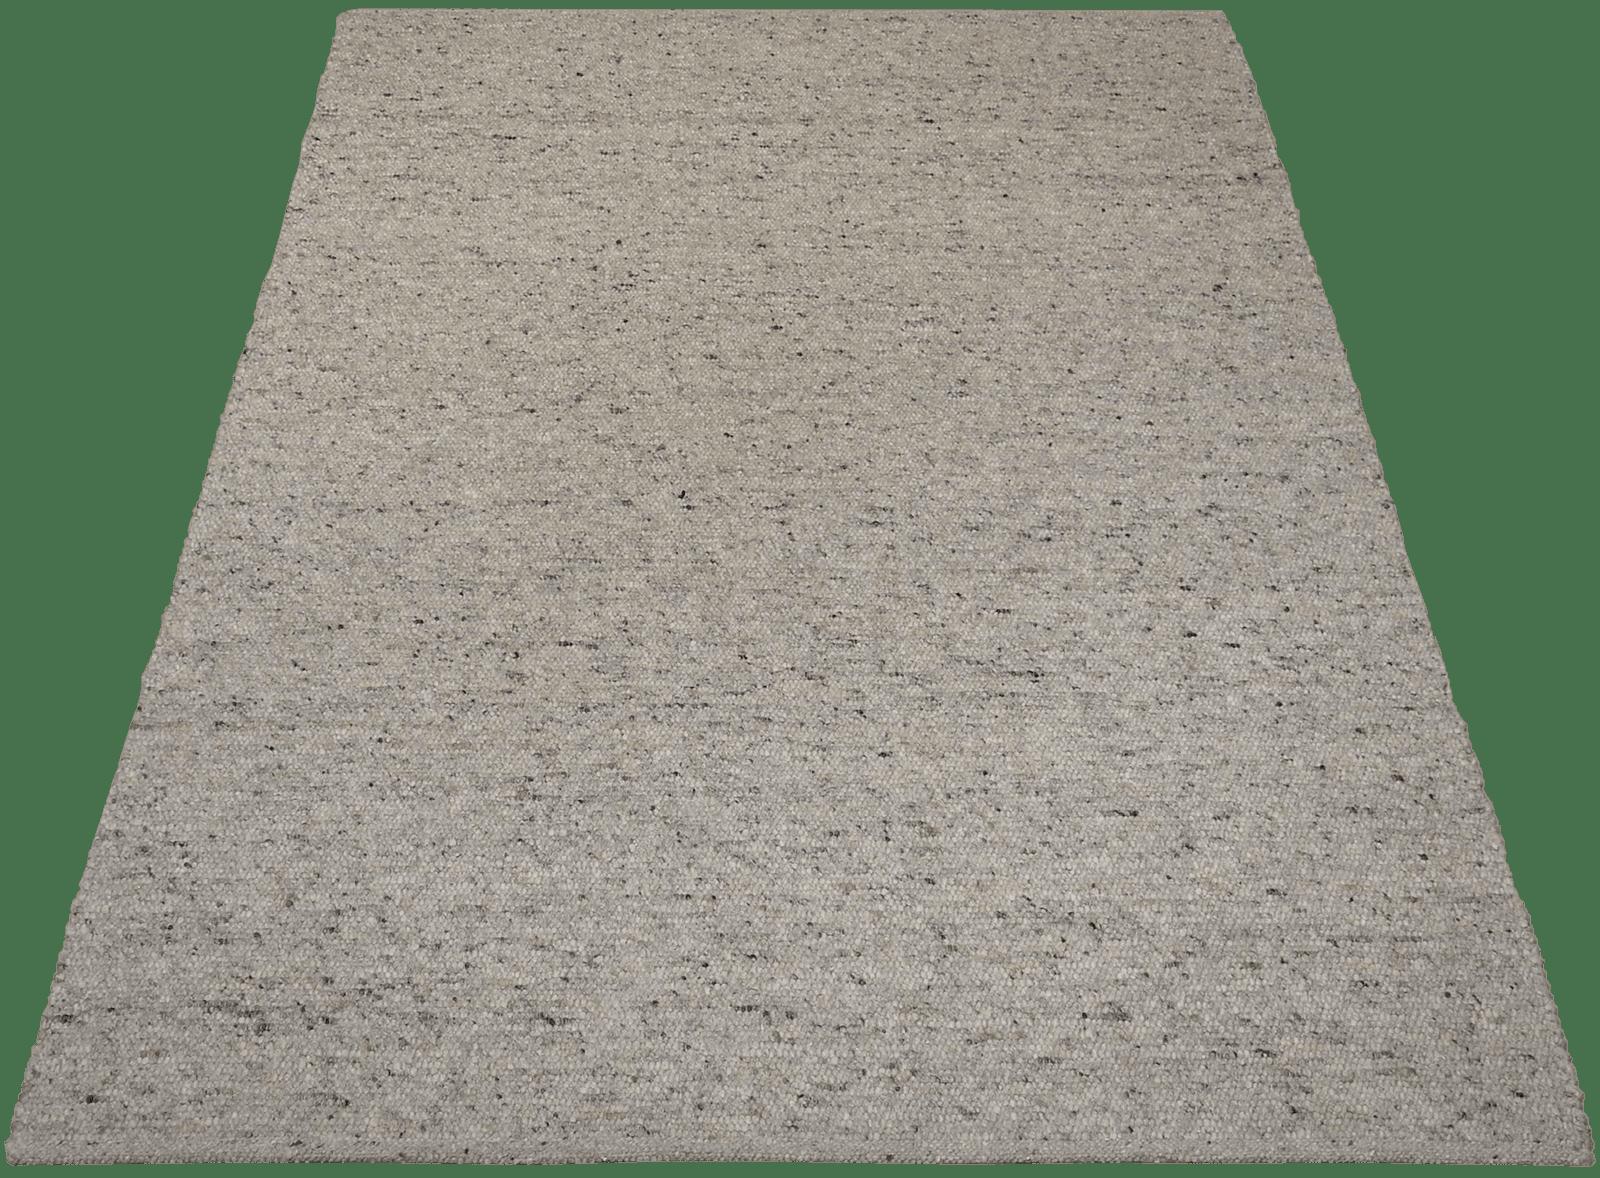 polina-tapijt-moderne-tapijten-handgeweven-design-exclusieve-luxe-vloerkleden-koreman-maastricht